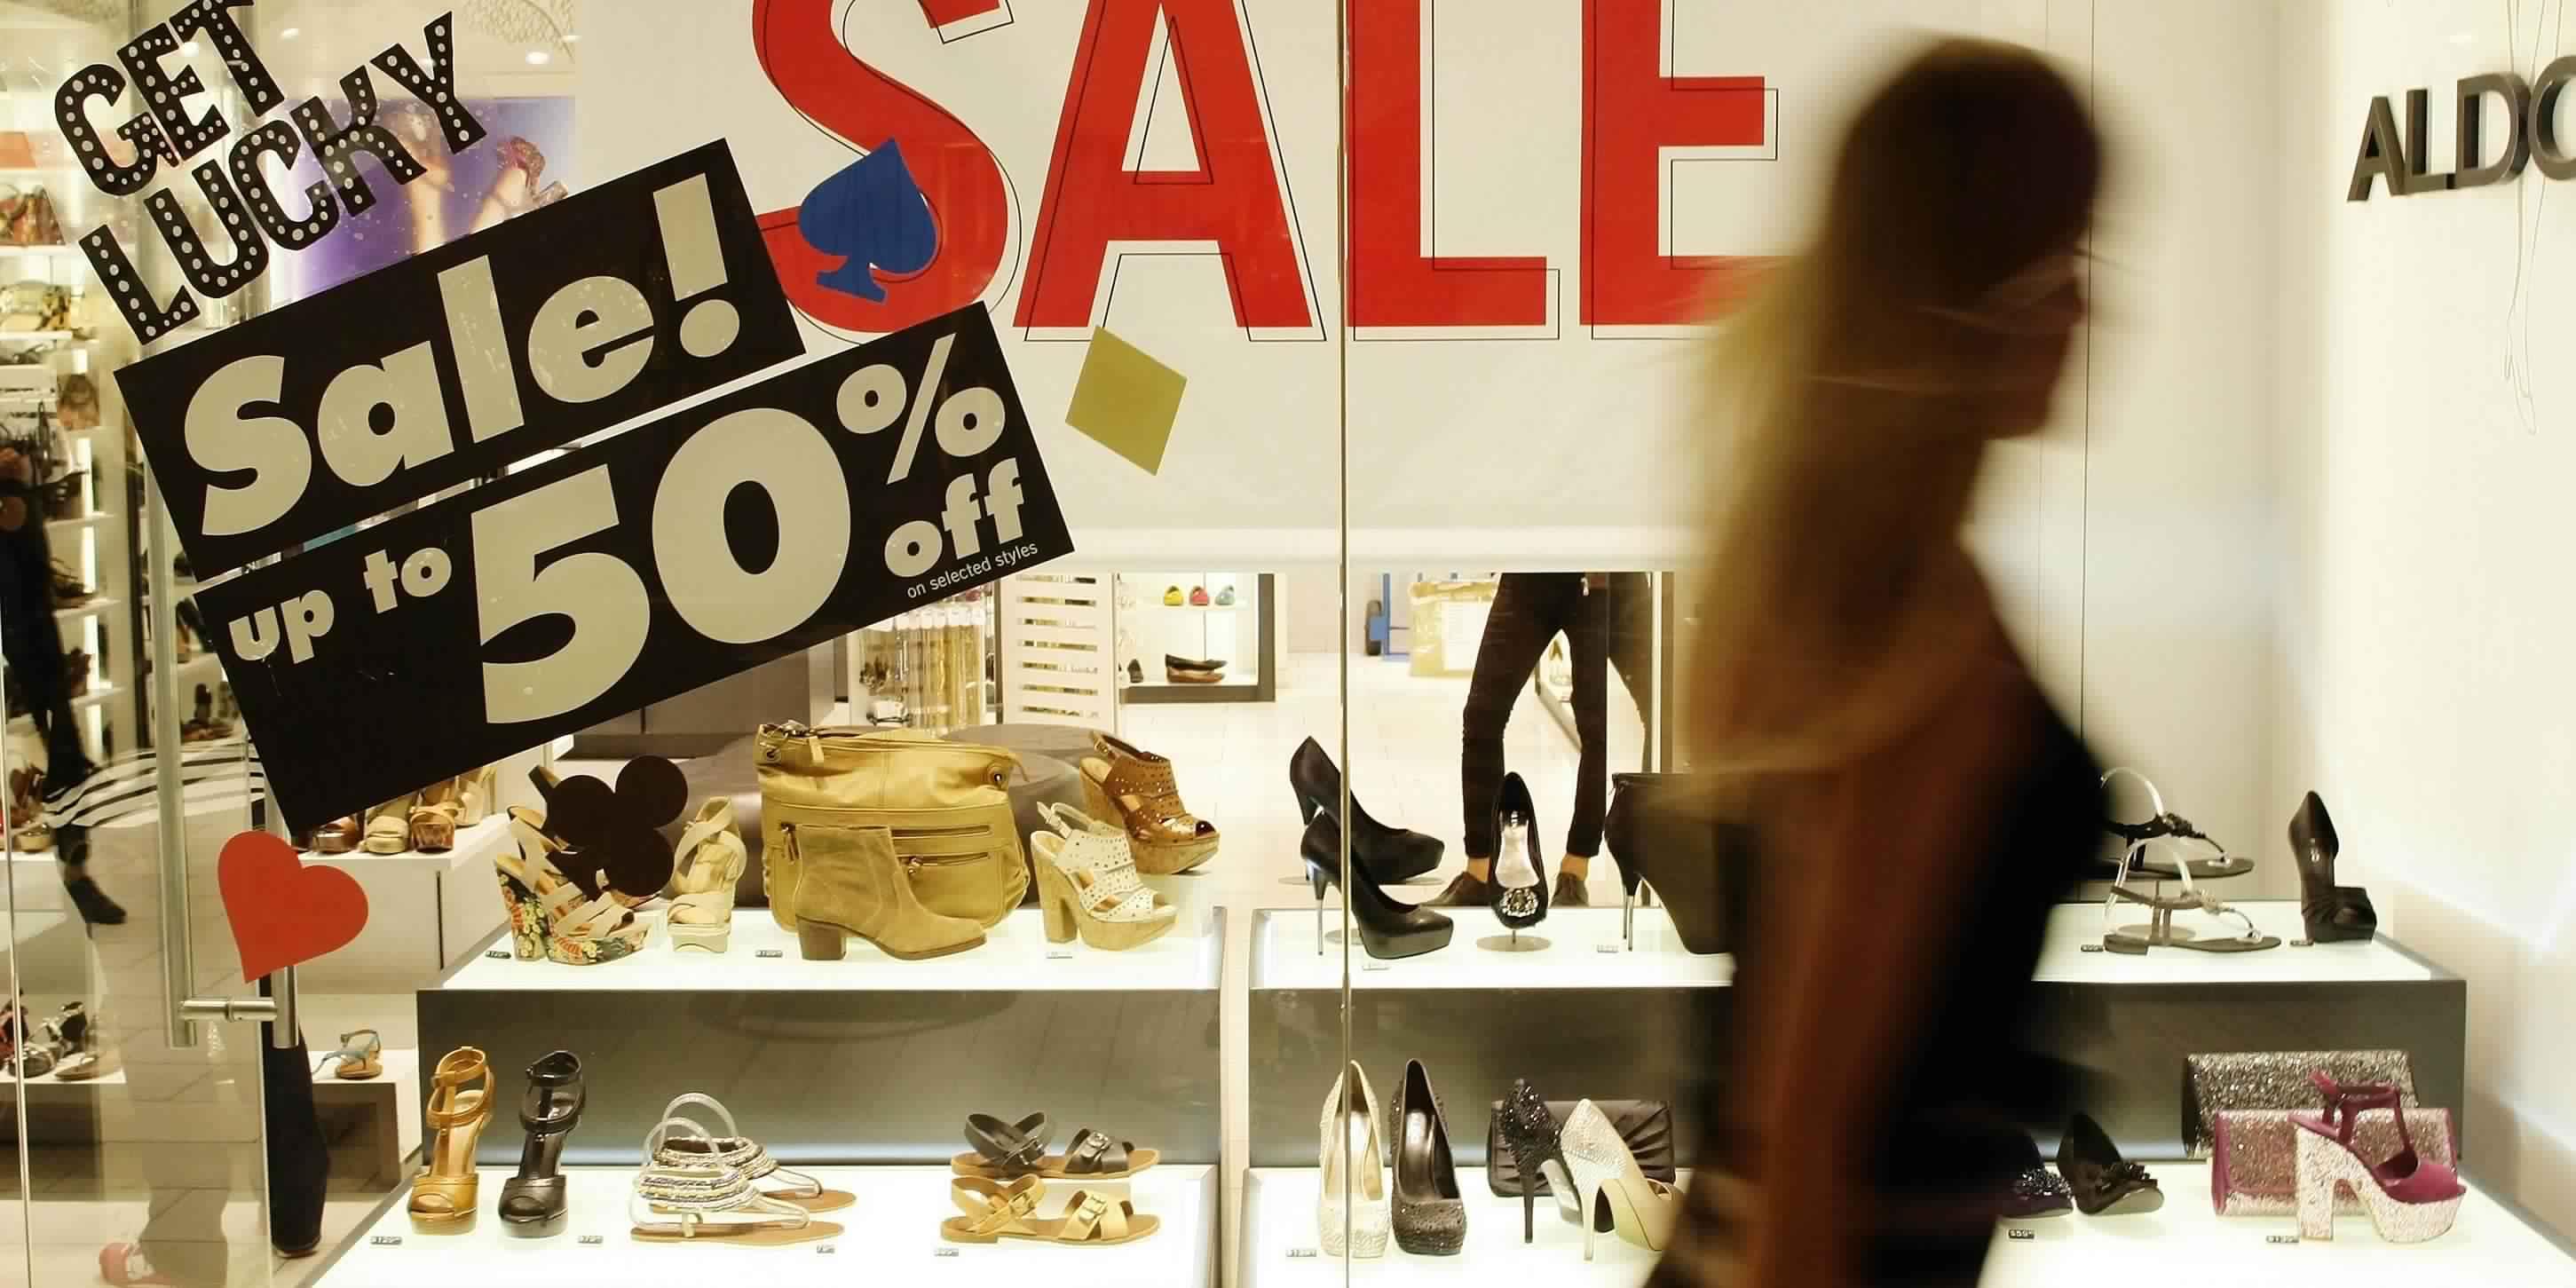 مبيعات التجزئة البريطانية تنخفض أكثر من التوقعات بنحو 1.5% خلال ديسمبر